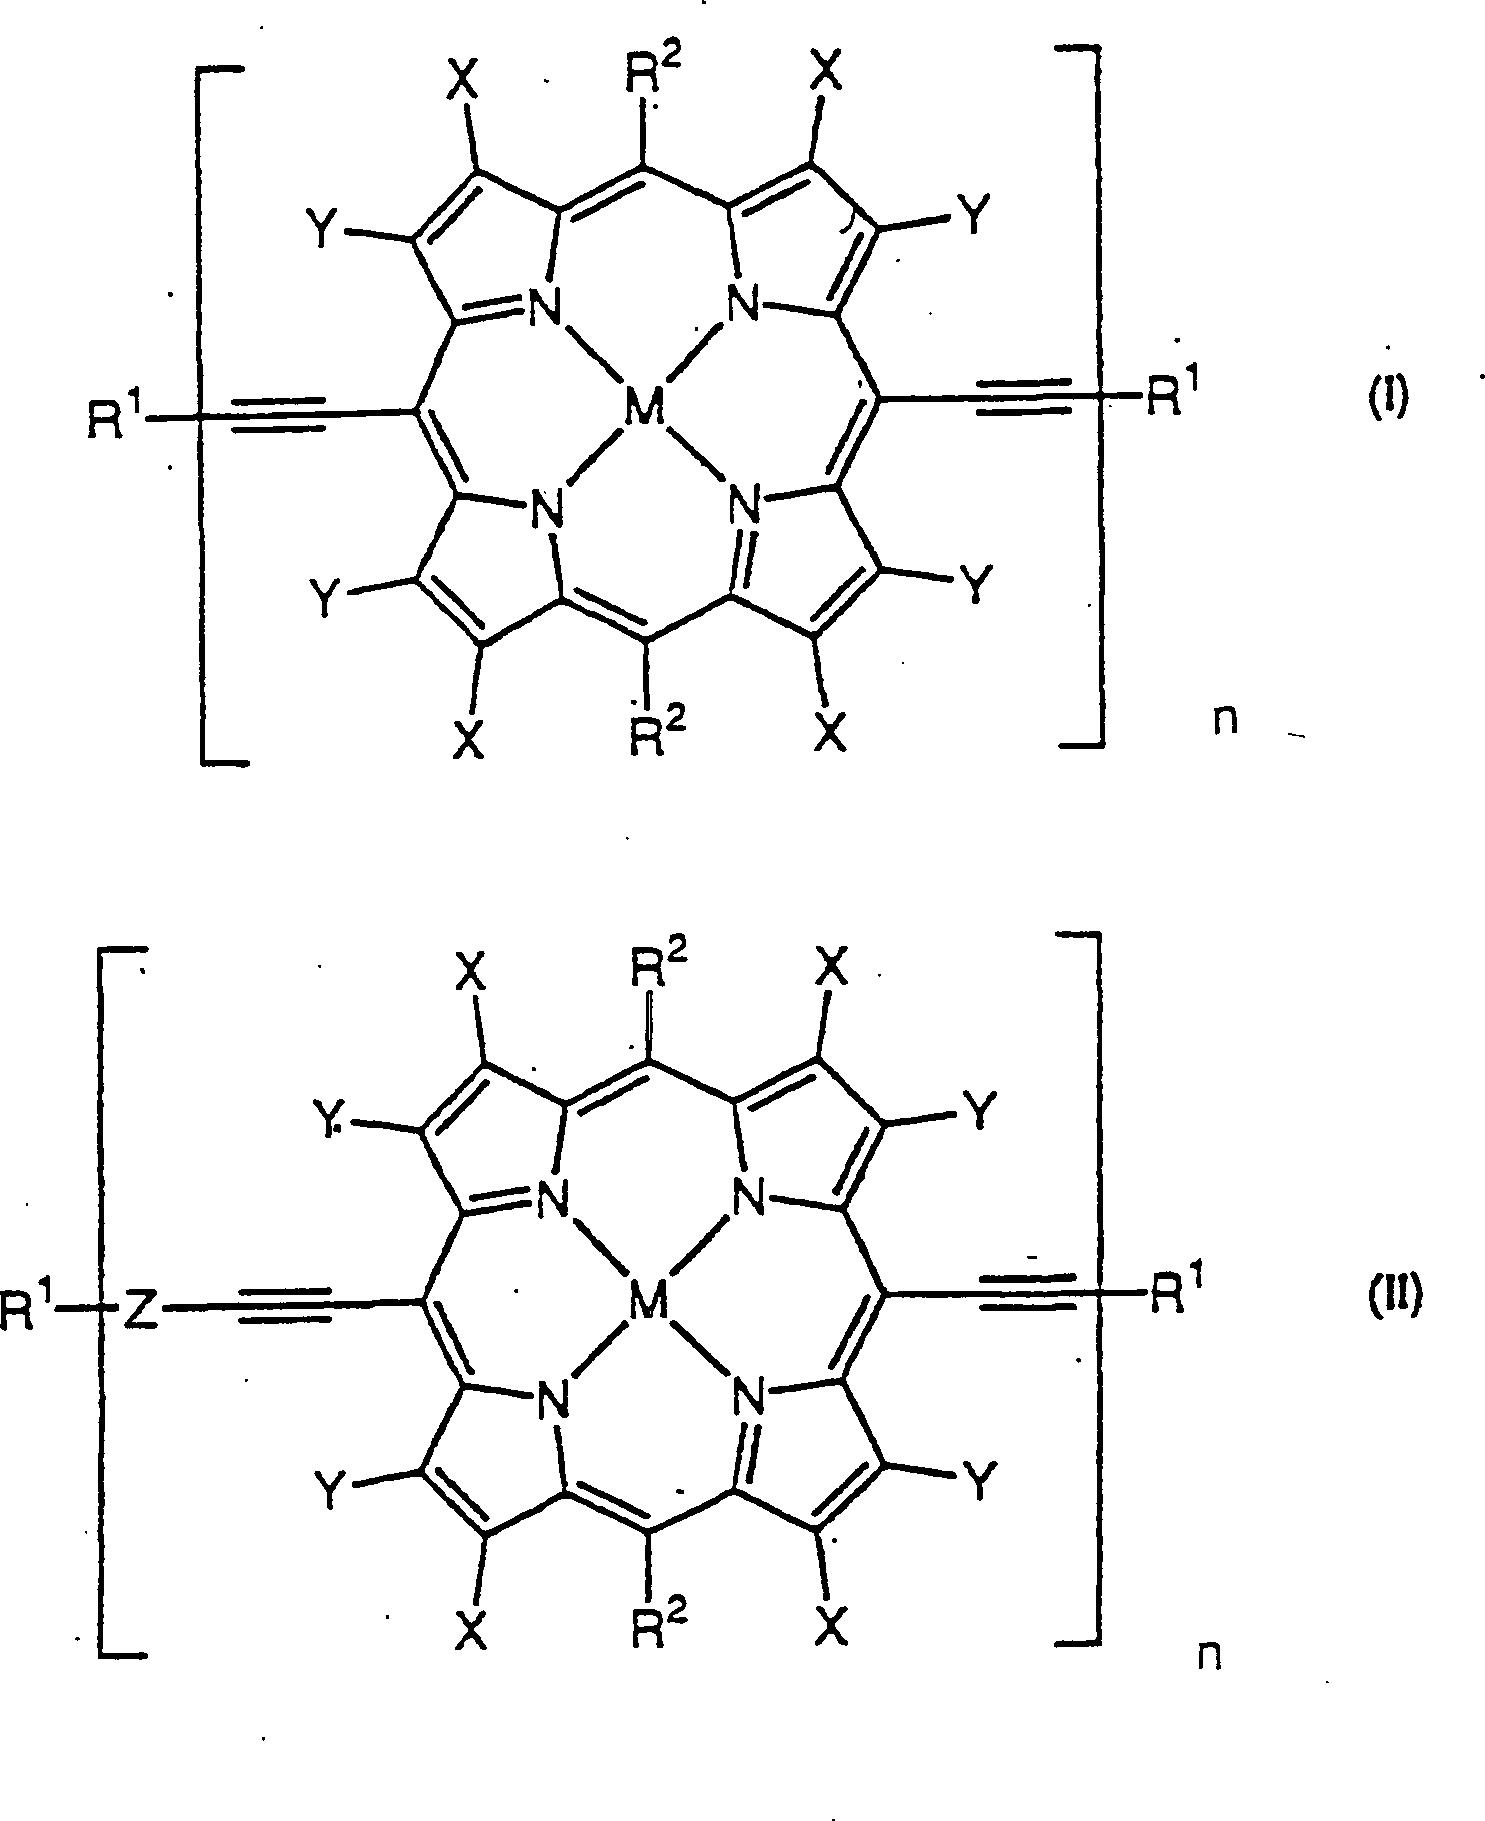 DE69724293T2 - Metallo-porphyrins - Google Patents